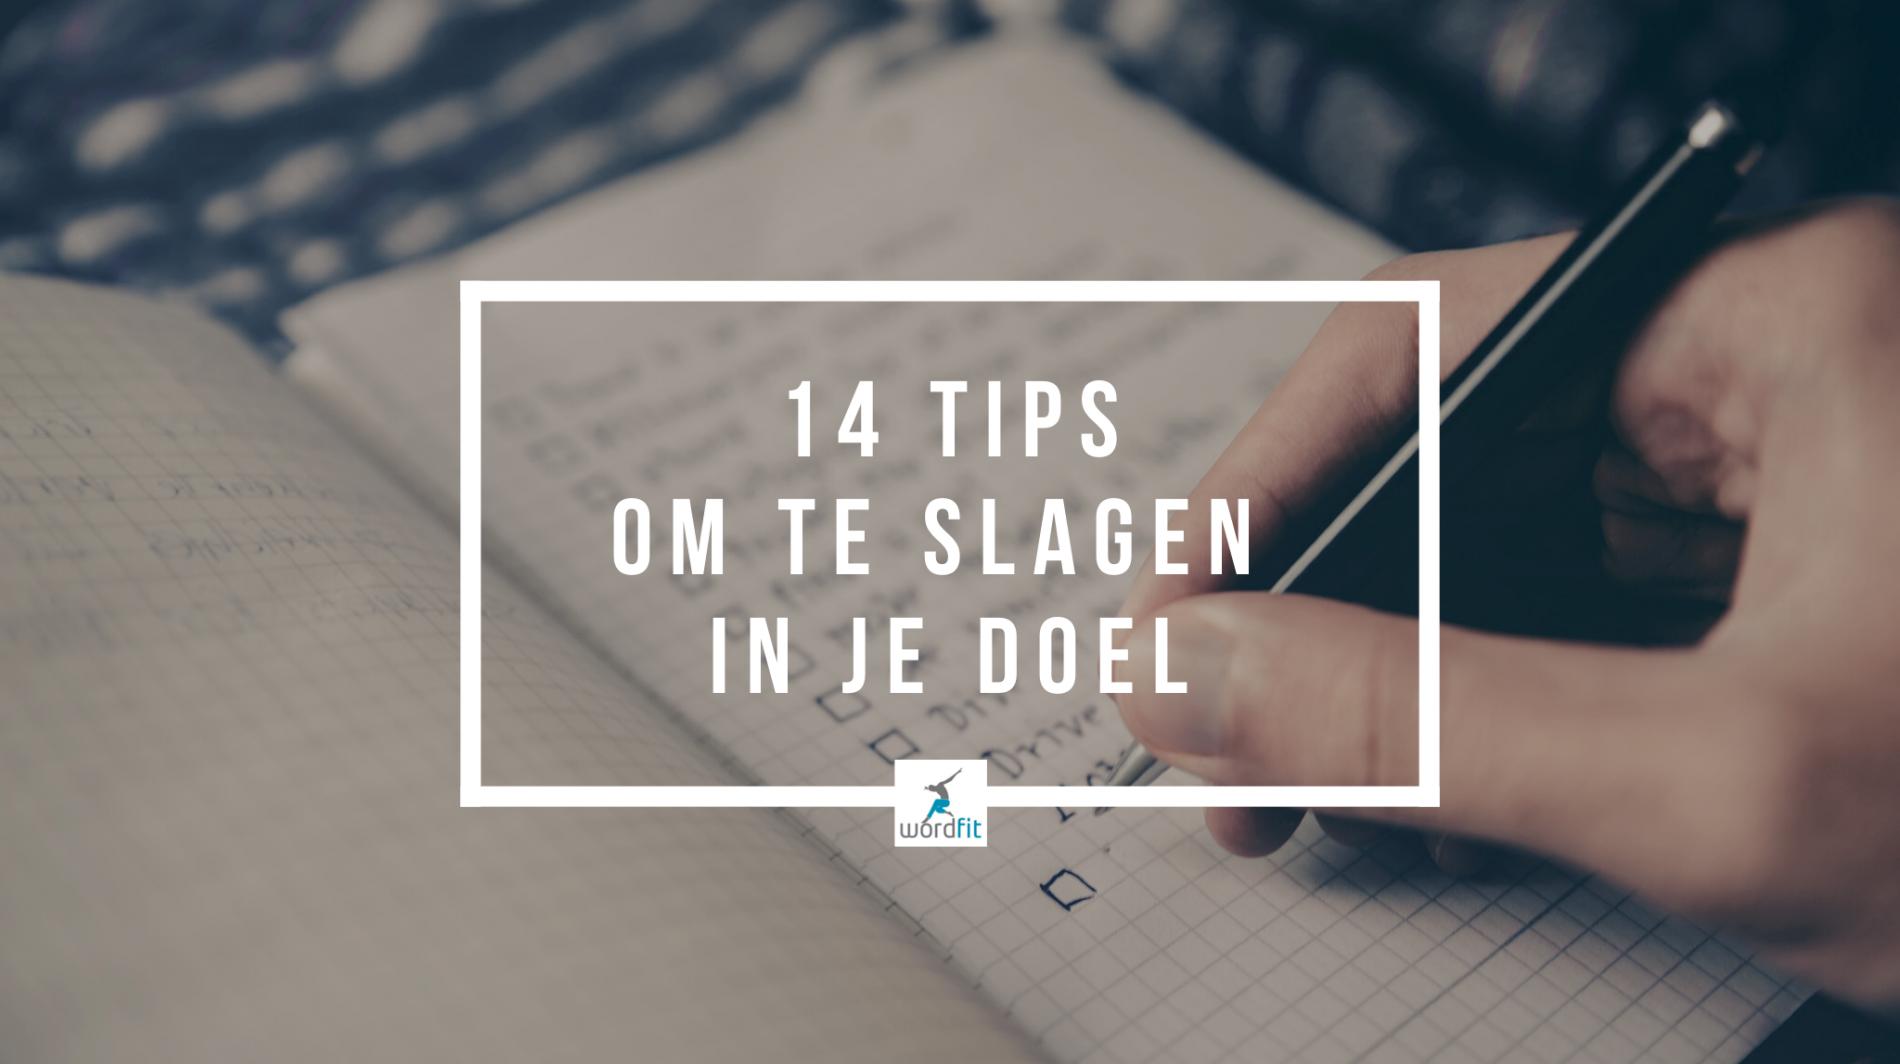 14 tips om te slagen in je doel WordFit.be Leefstijlcoaching